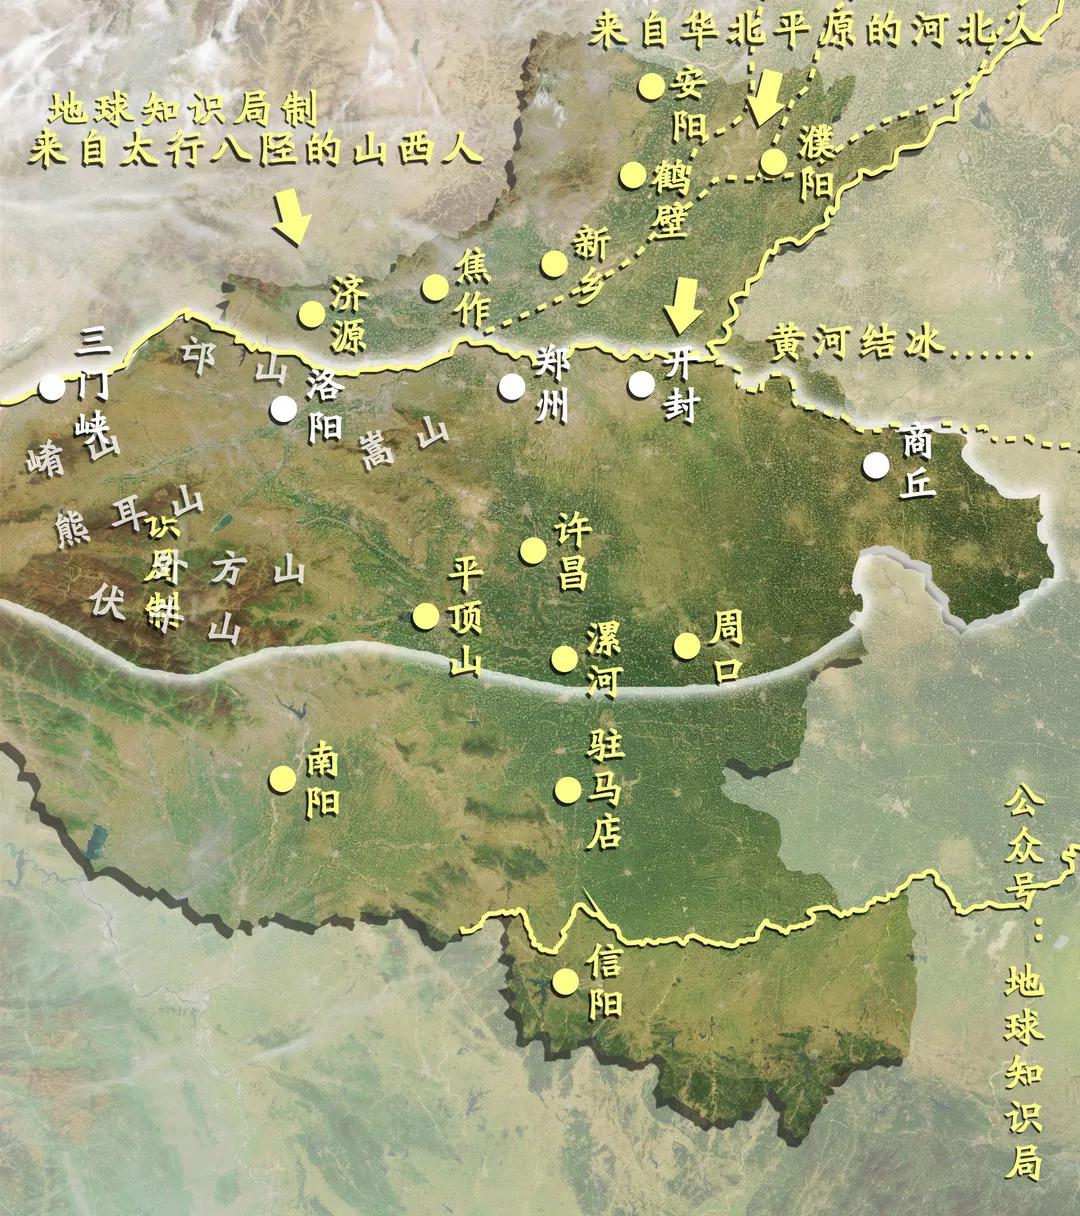 中国地图长江黄河图 长江、黄河、中国心- 豆丁网